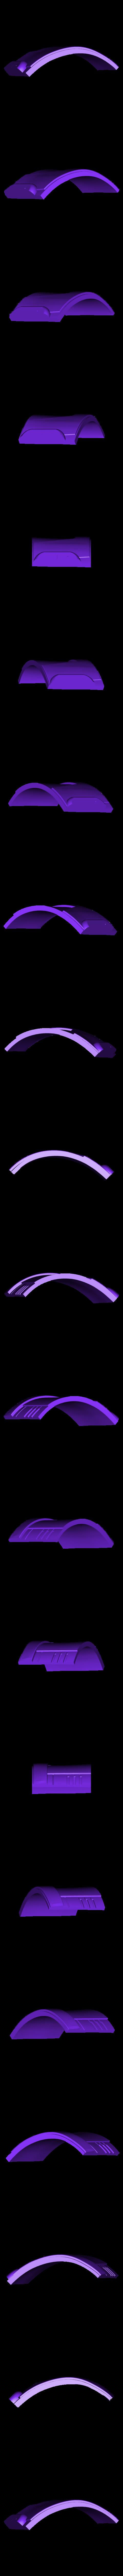 Part_6_v3.stl Download free STL file Sabine Wren Helmet Star Wars • Model to 3D print, VillainousPropShop